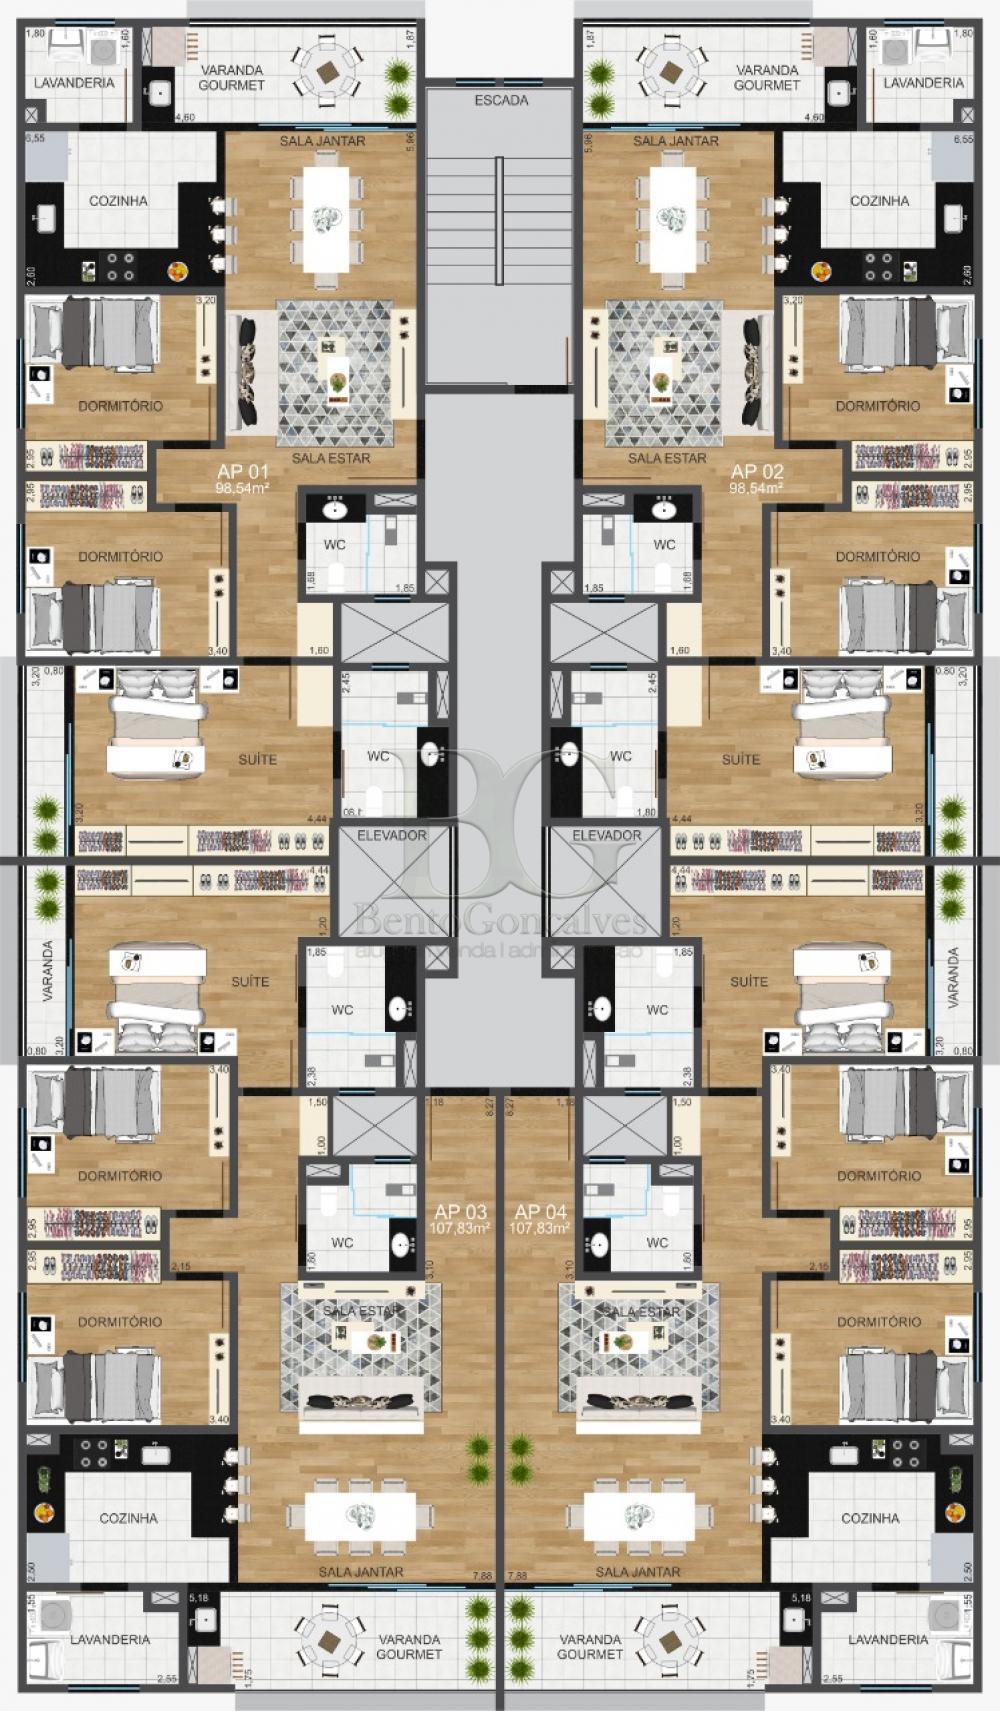 Comprar Apartamentos / Padrão em Poços de Caldas apenas R$ 377.000,00 - Foto 13